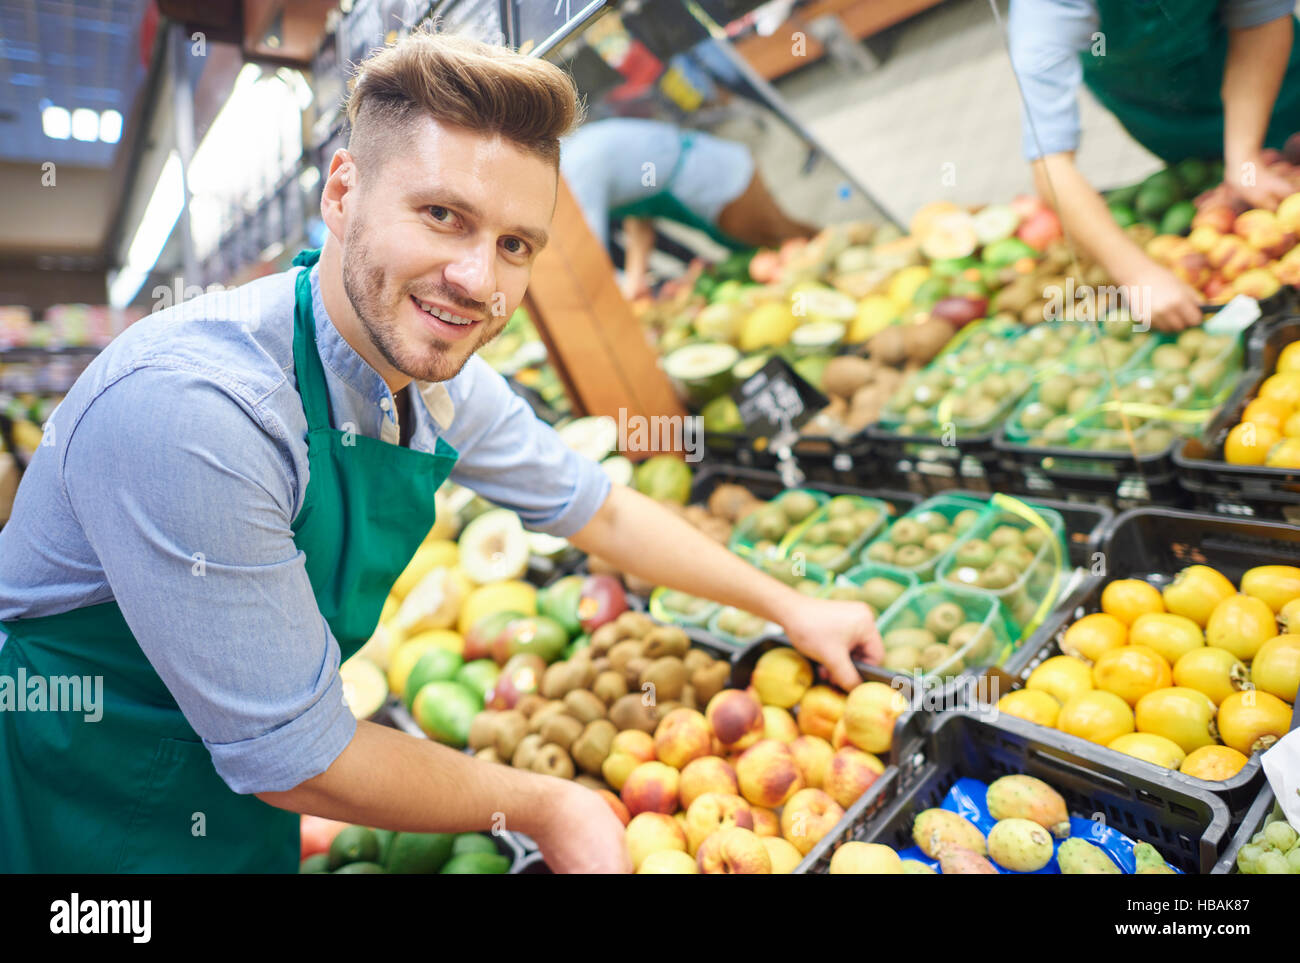 Man working hard in supermarket - Stock Image